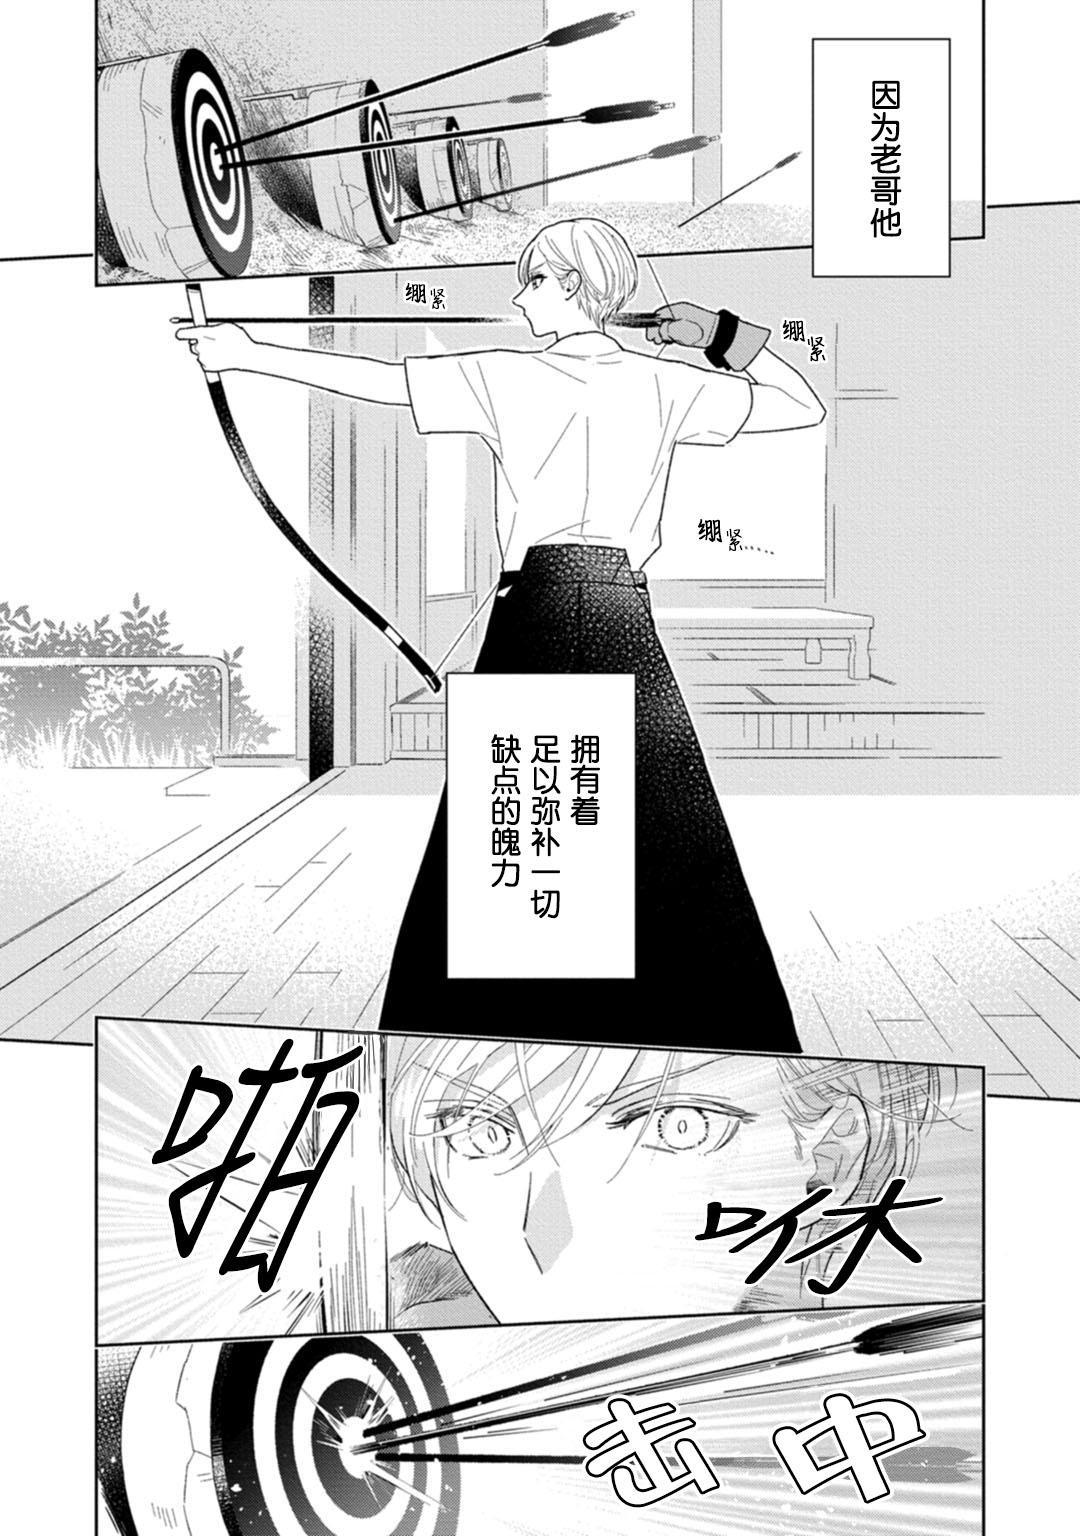 Aniki no ichiban Oishii Tokoro | 老哥最可口的部位 act.1—4 13